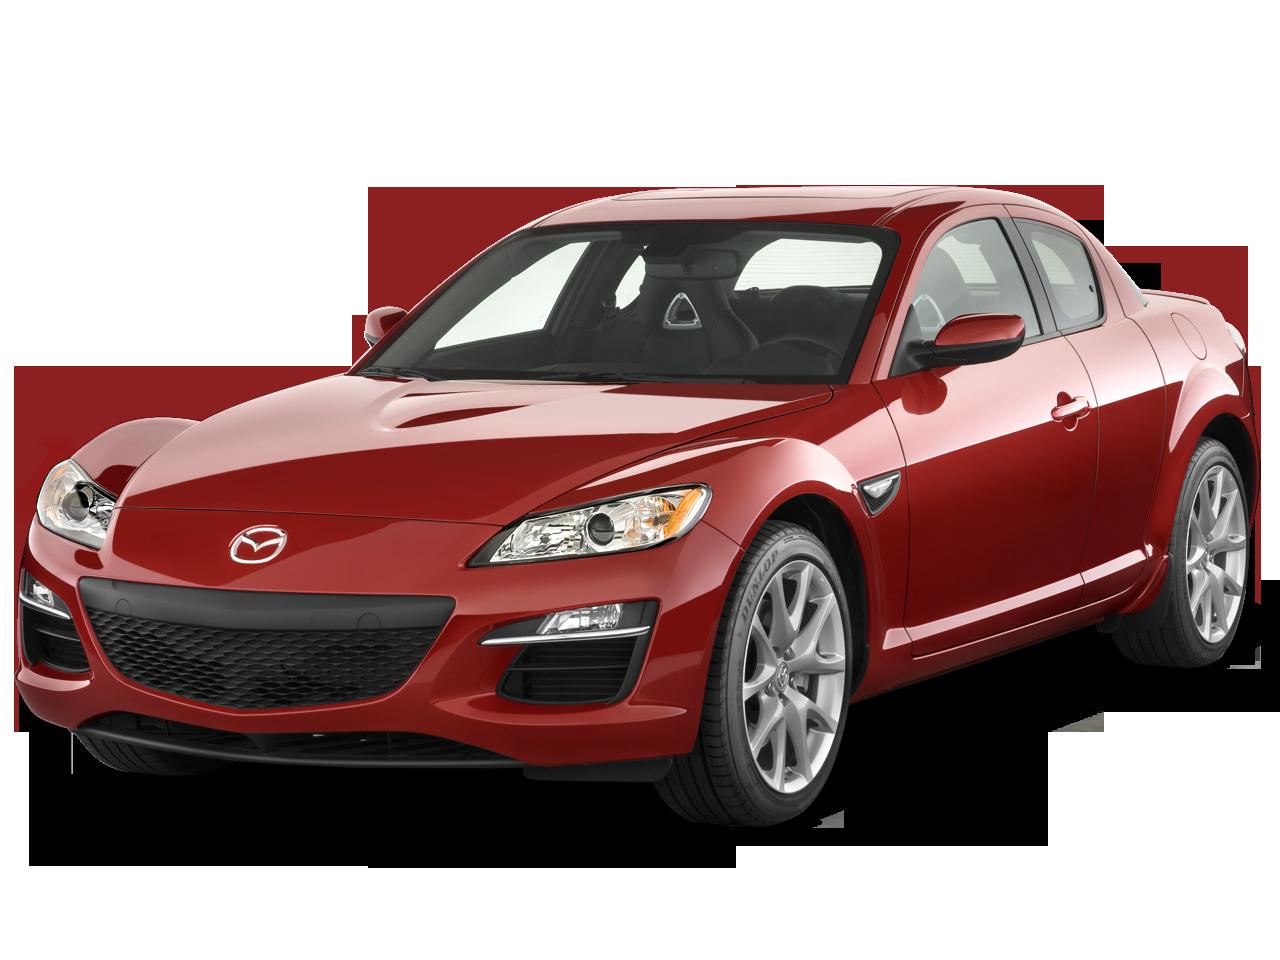 2009 Mazda Rx 8 R3 Mazda Sport Coupe Review Automobile